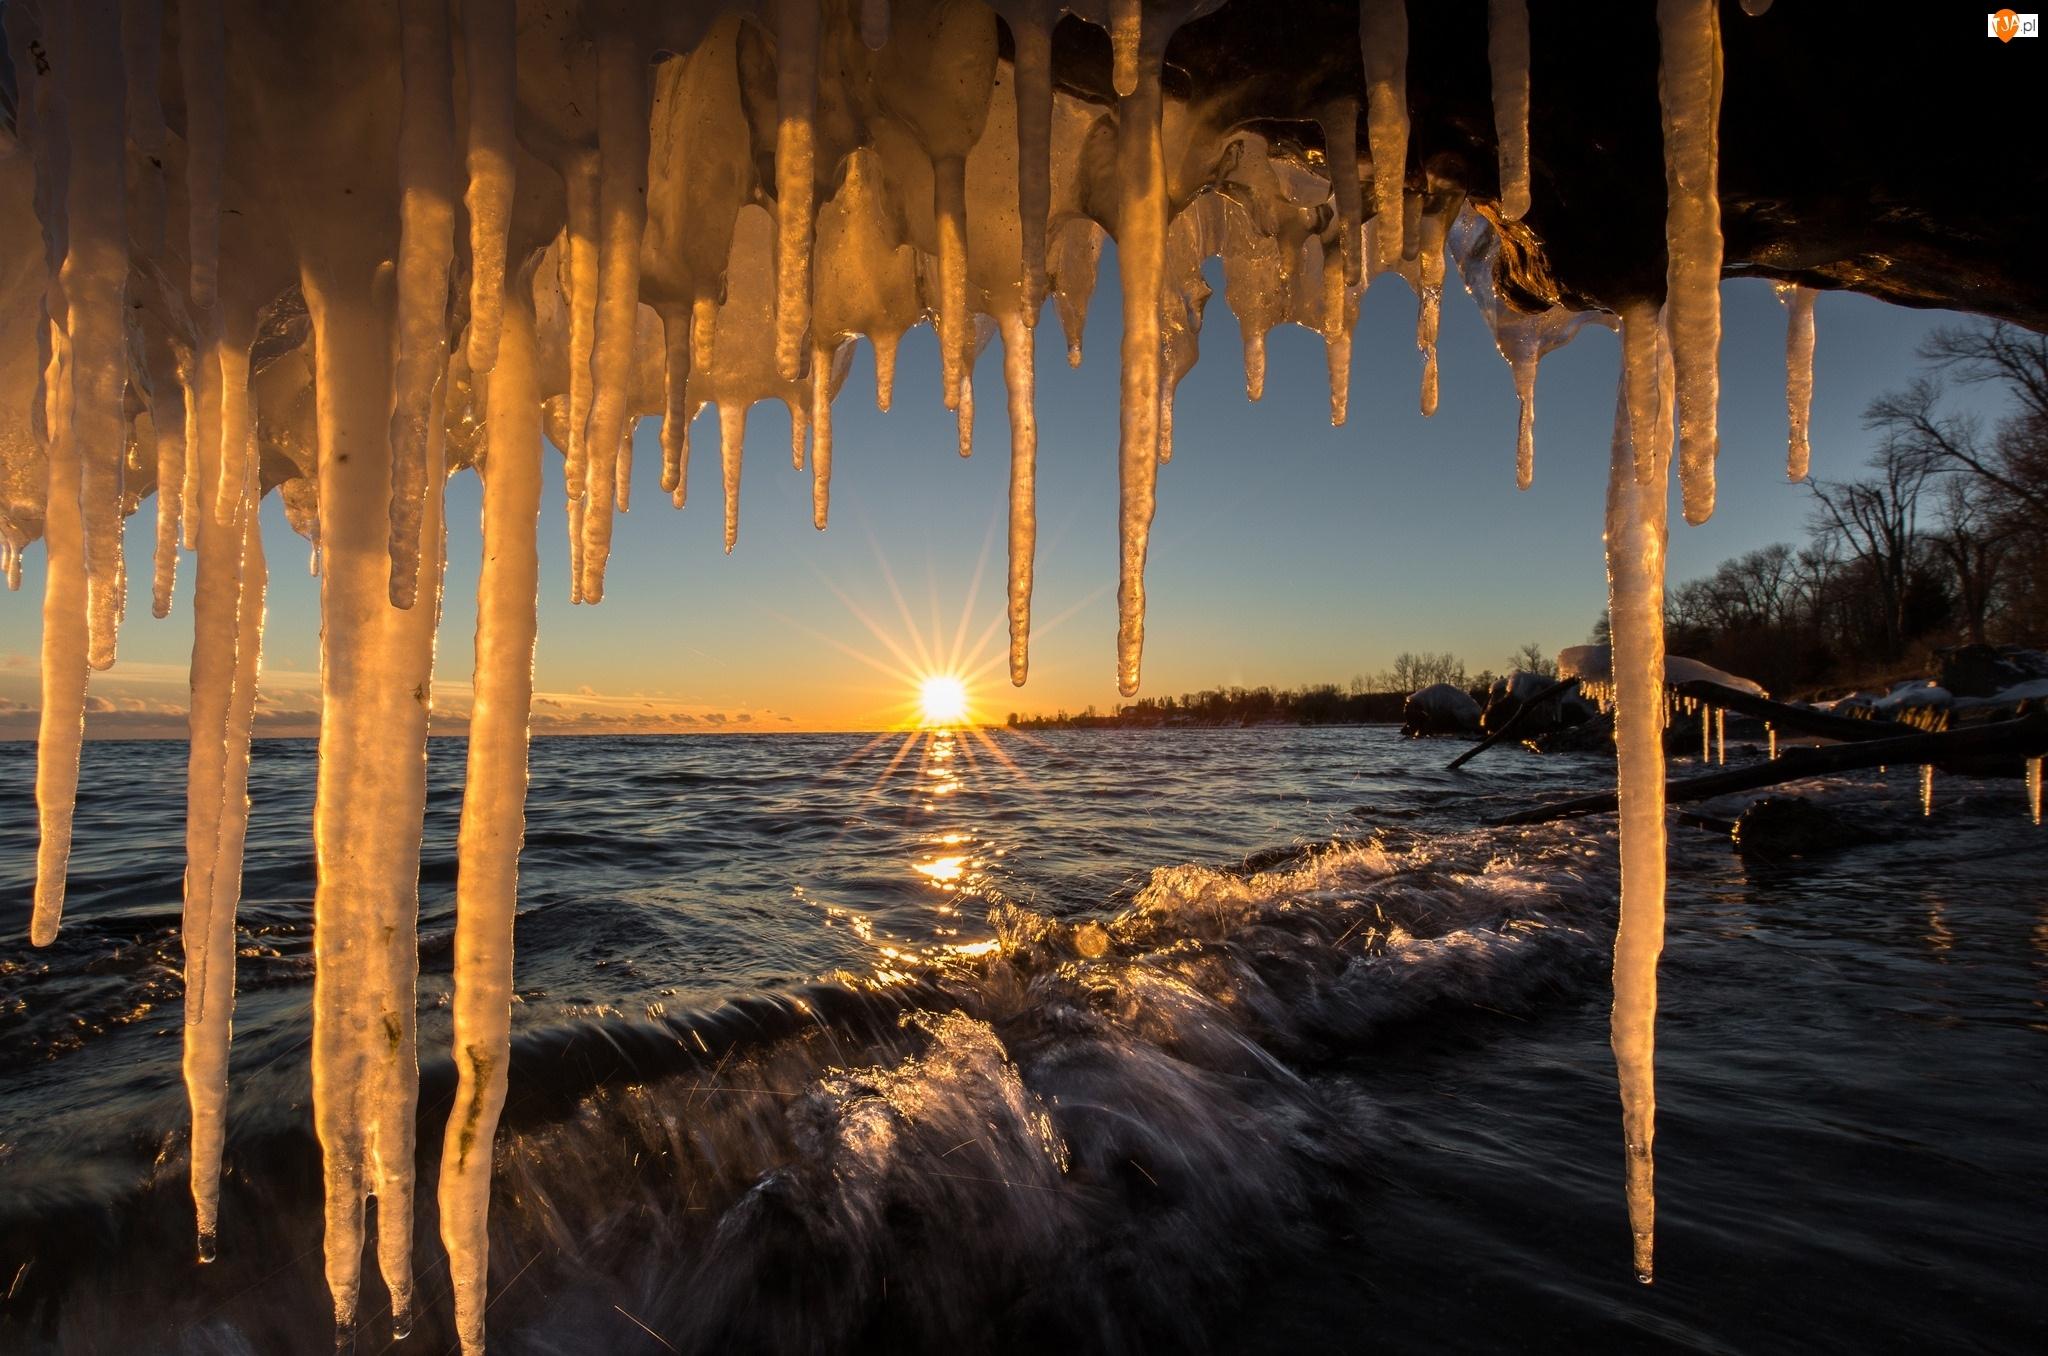 Wschód słońca, Kanada, Sople, Jezioro Ontario